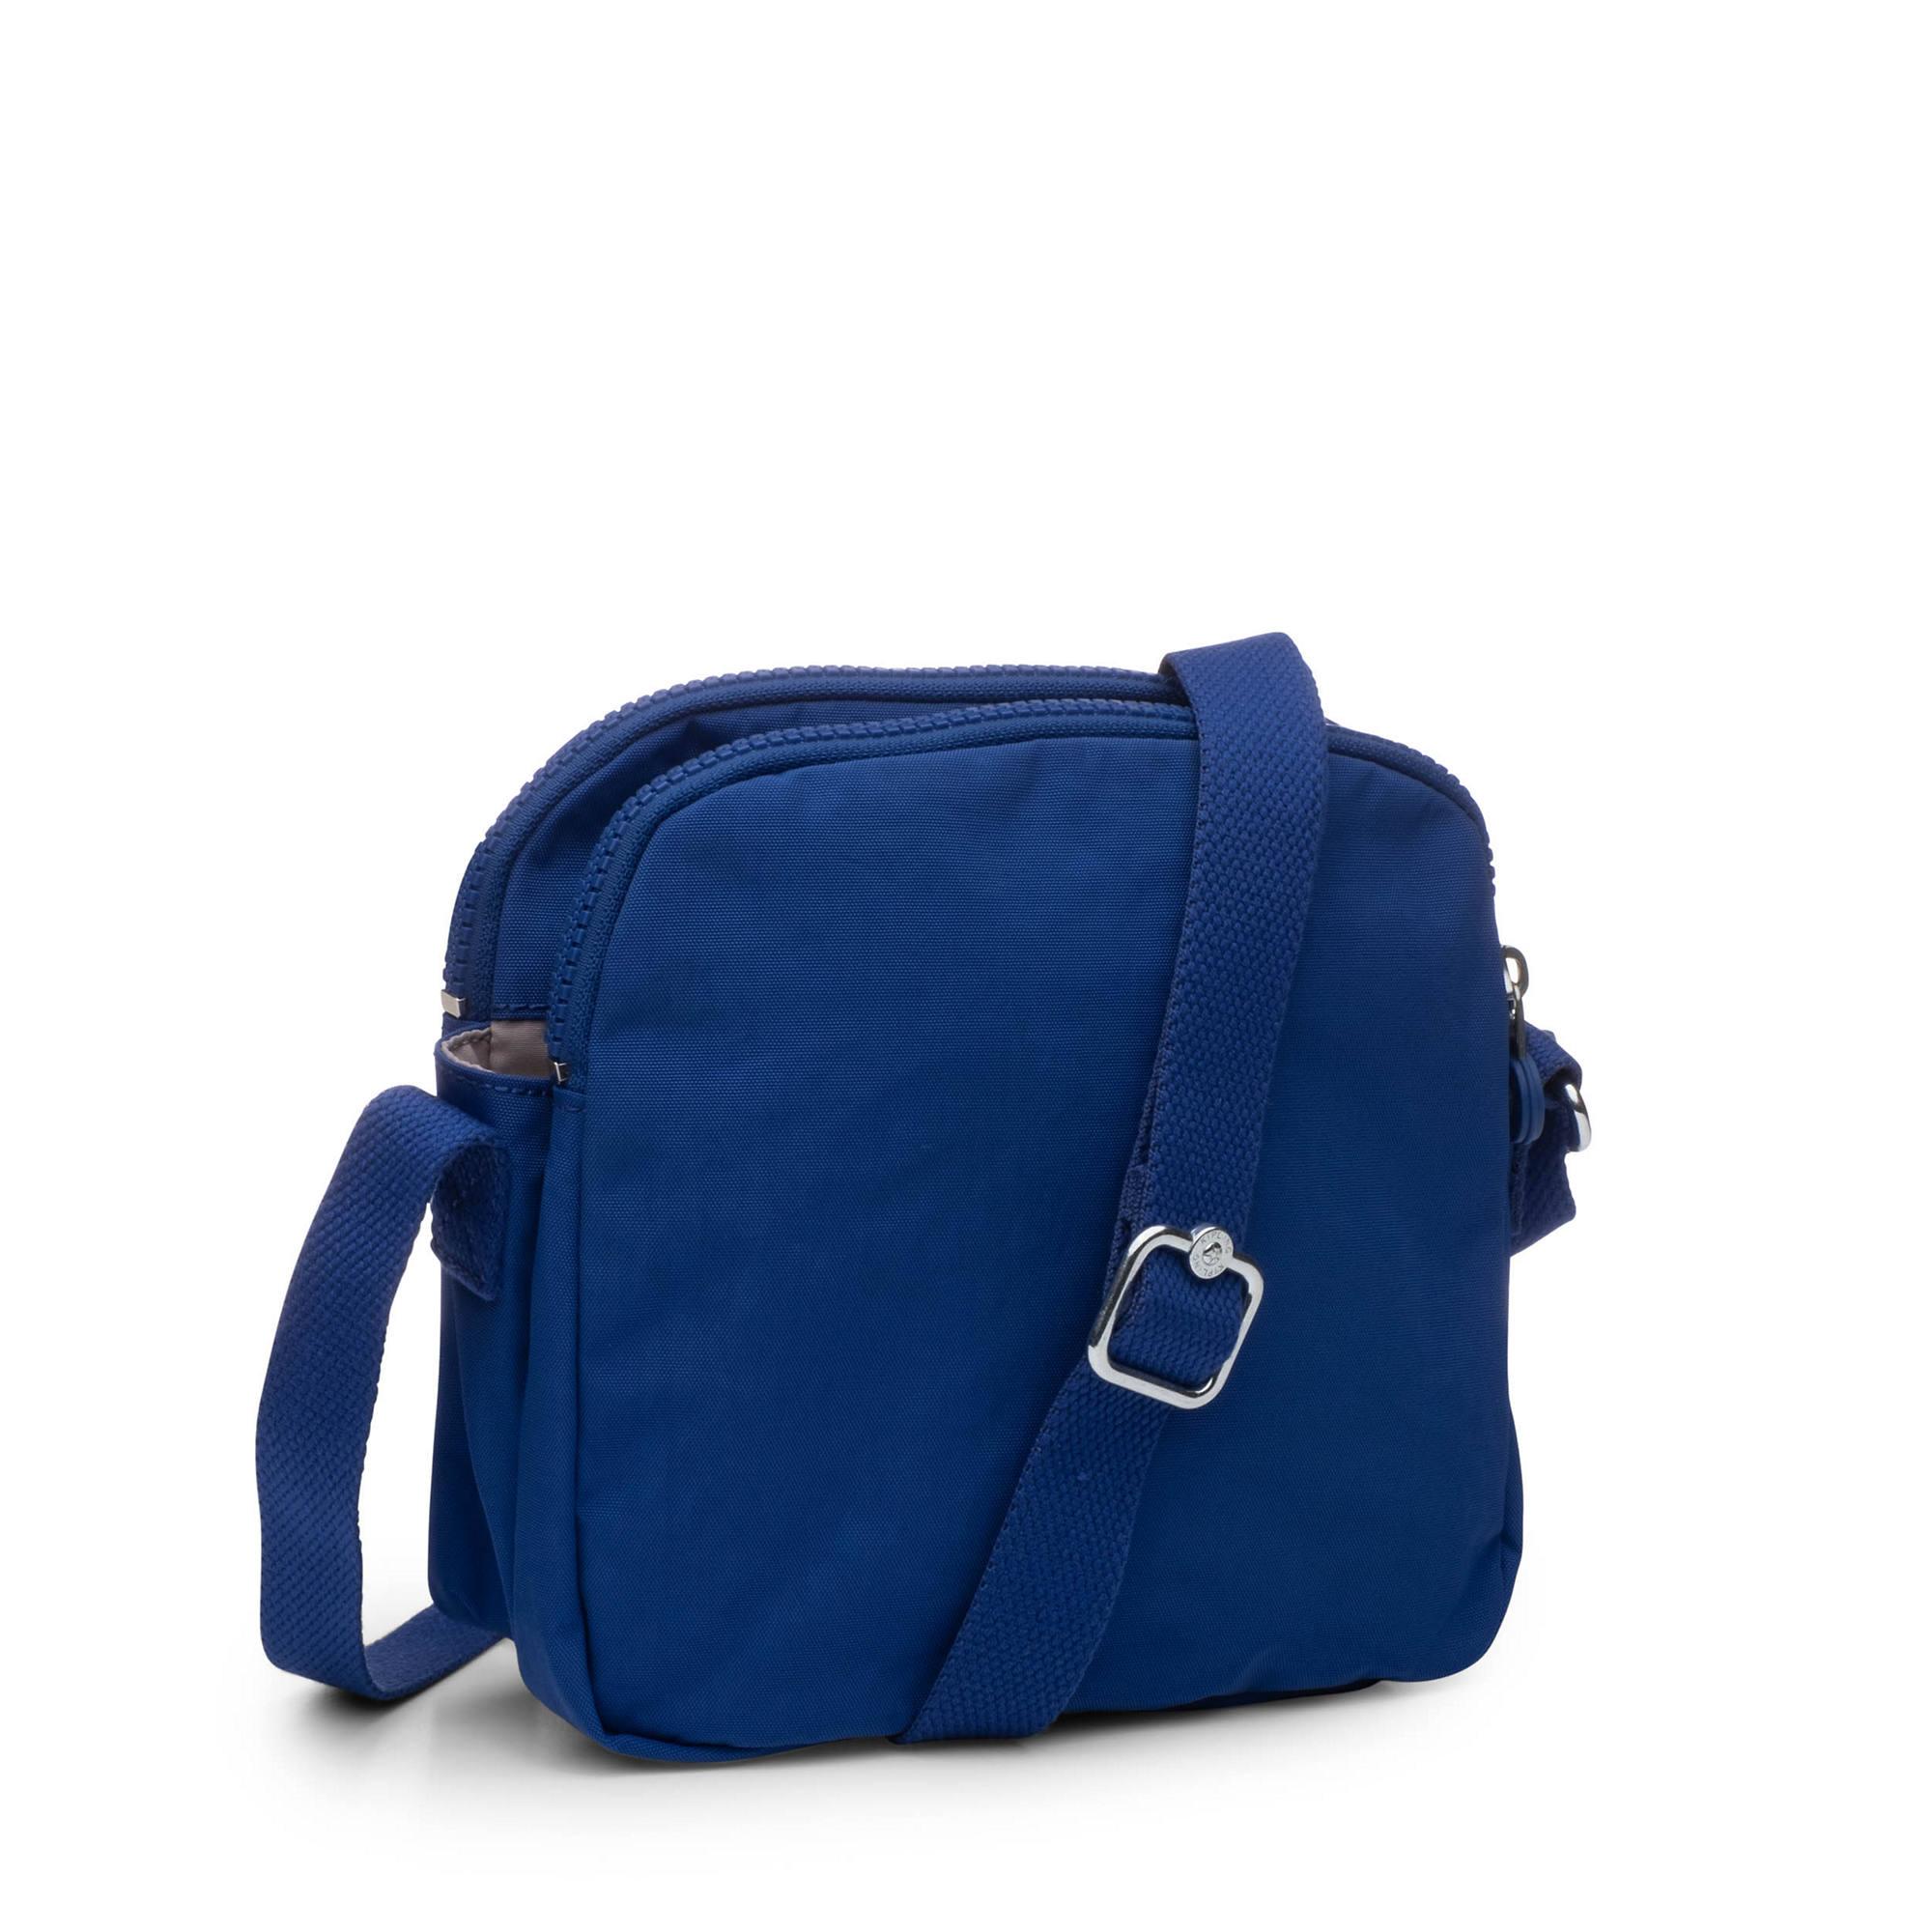 eb111c142 Keefe Crossbody Bag,Blue Tropics Tonal Zipper,large